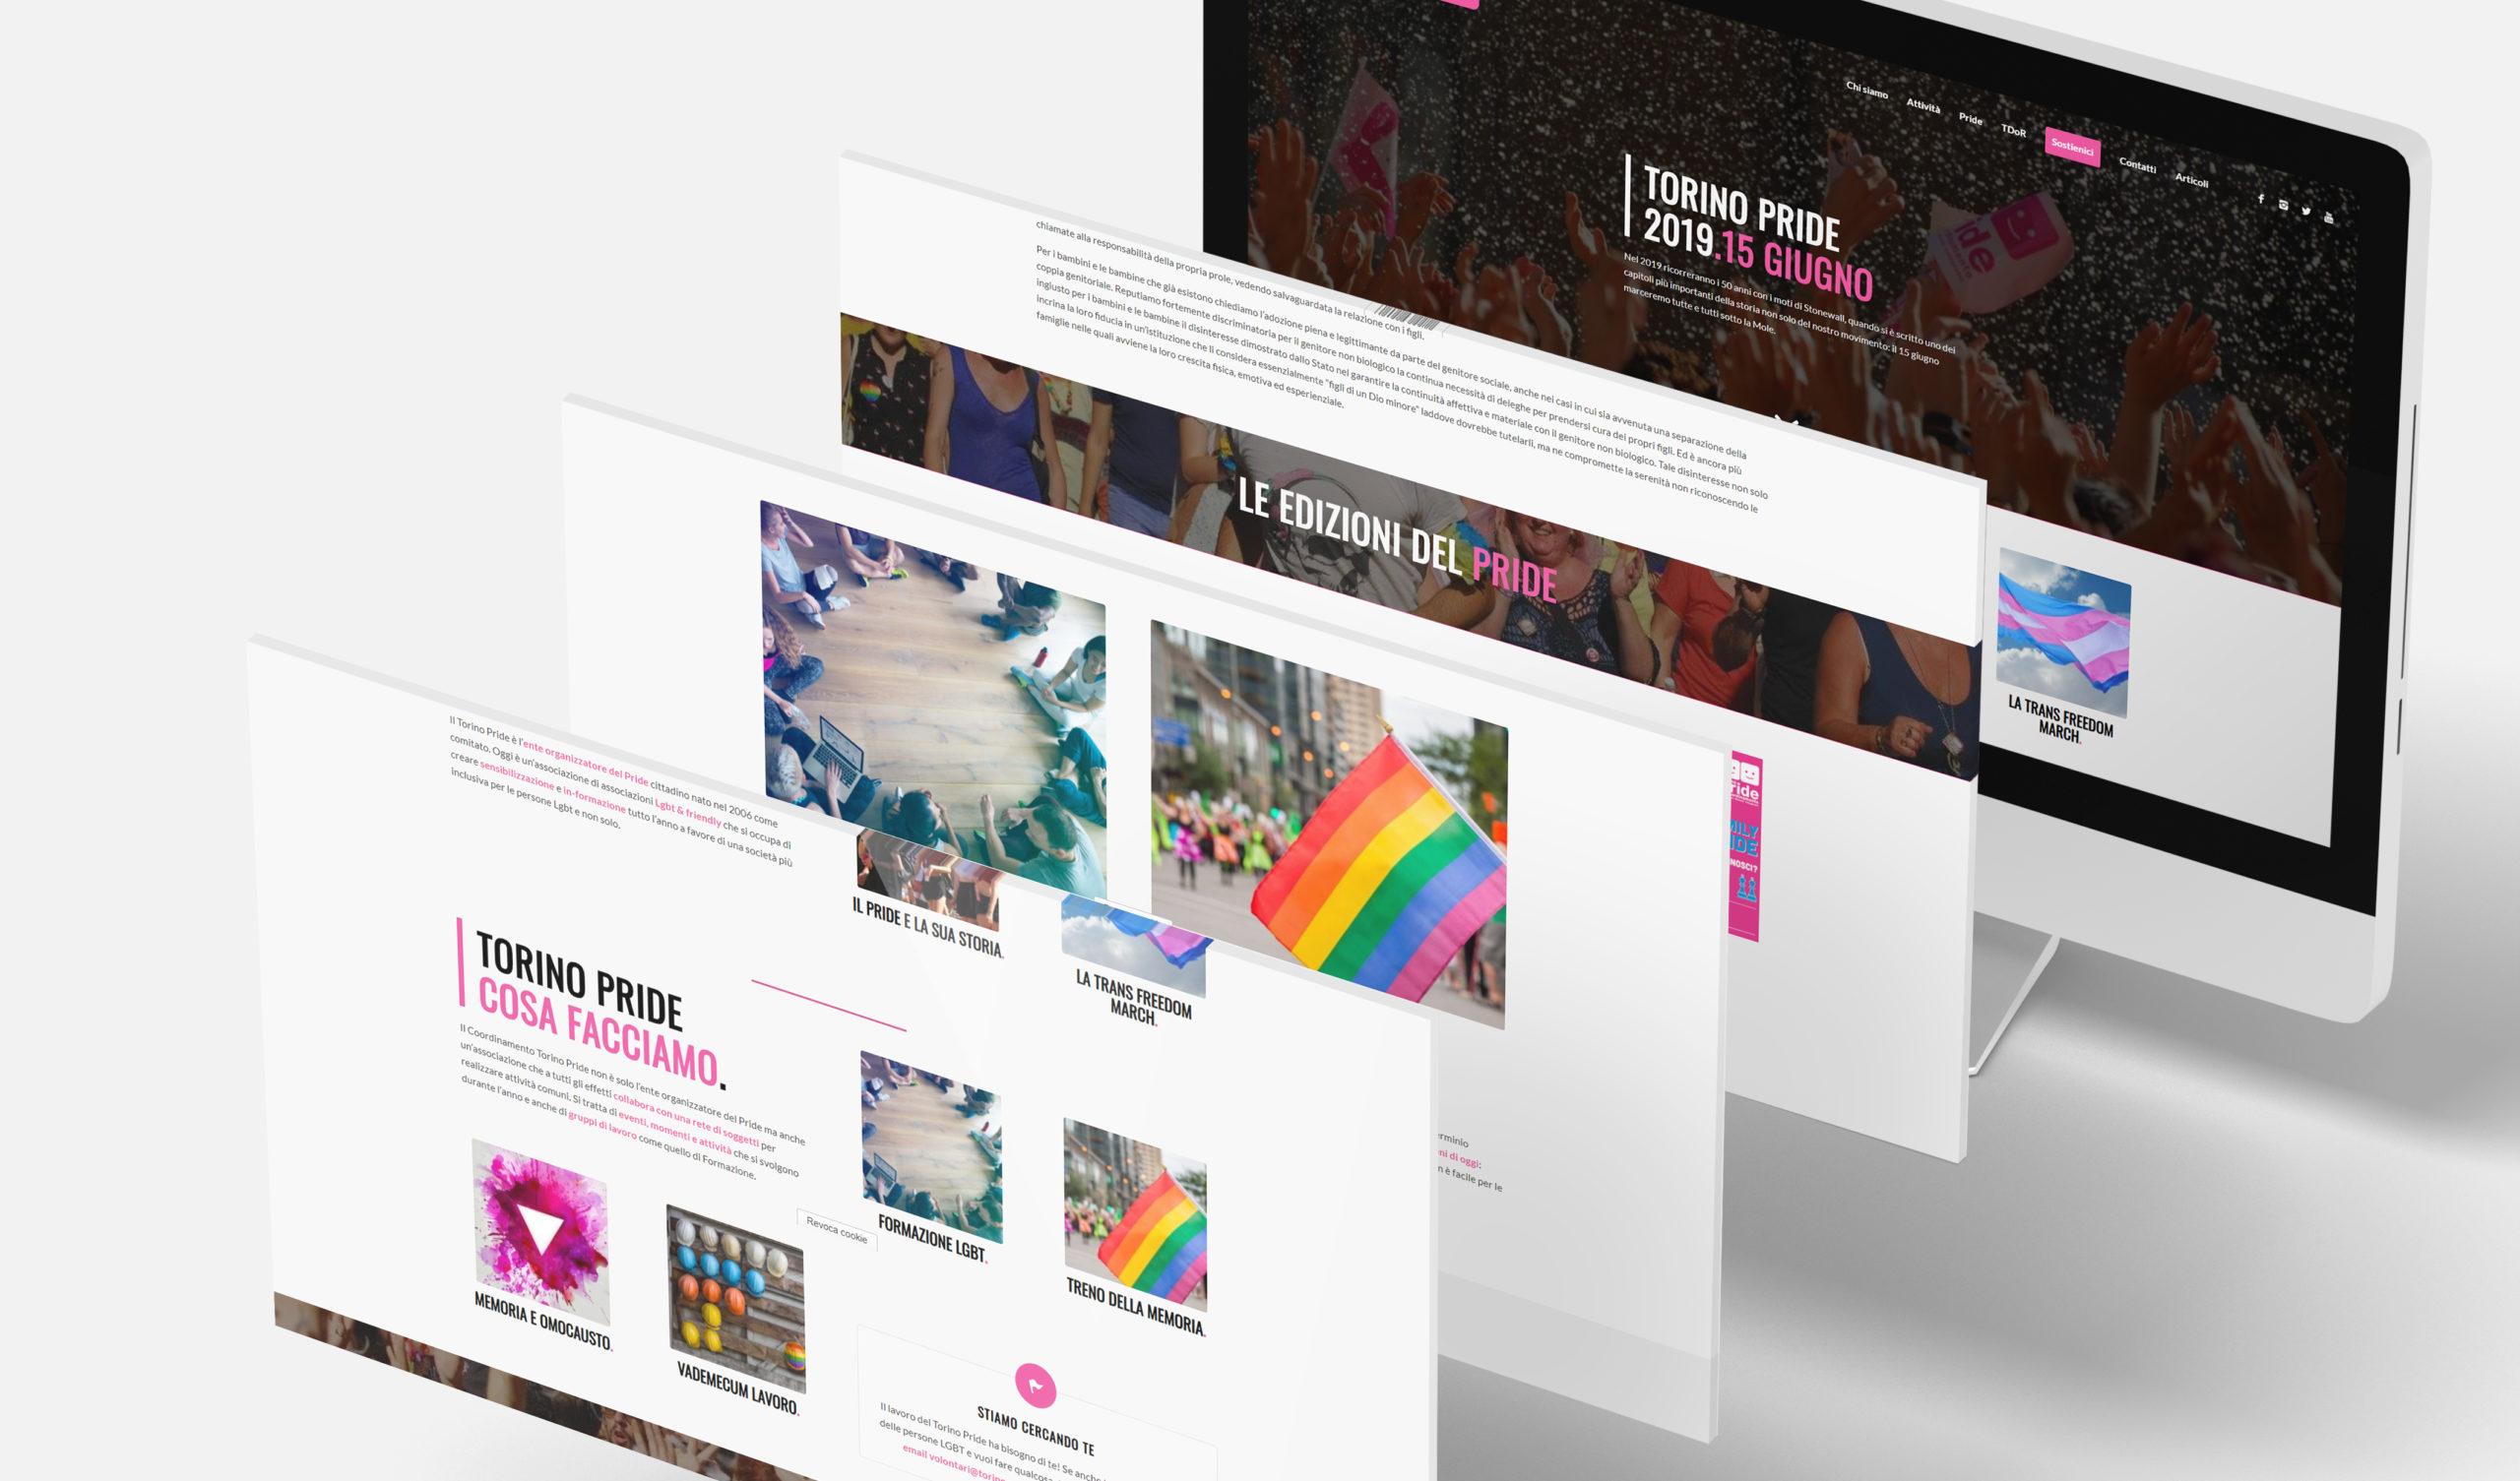 Un nuovo sito web per il Torino Pride